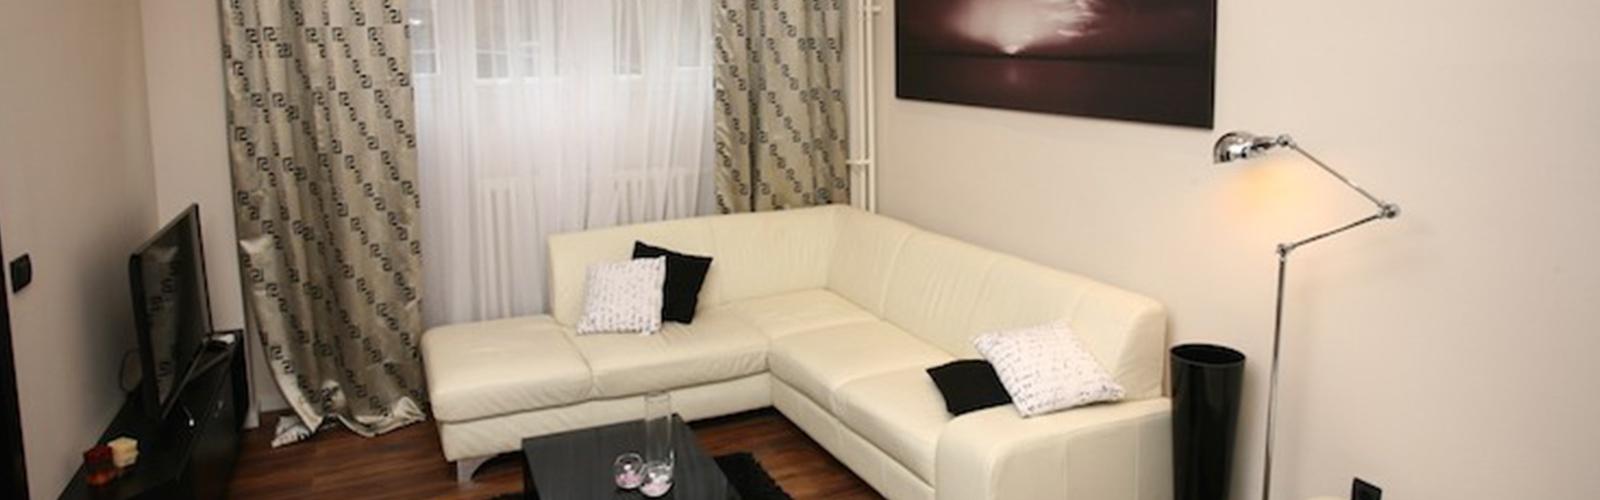 Concierge Belgrade | Apartman Delta Top 59